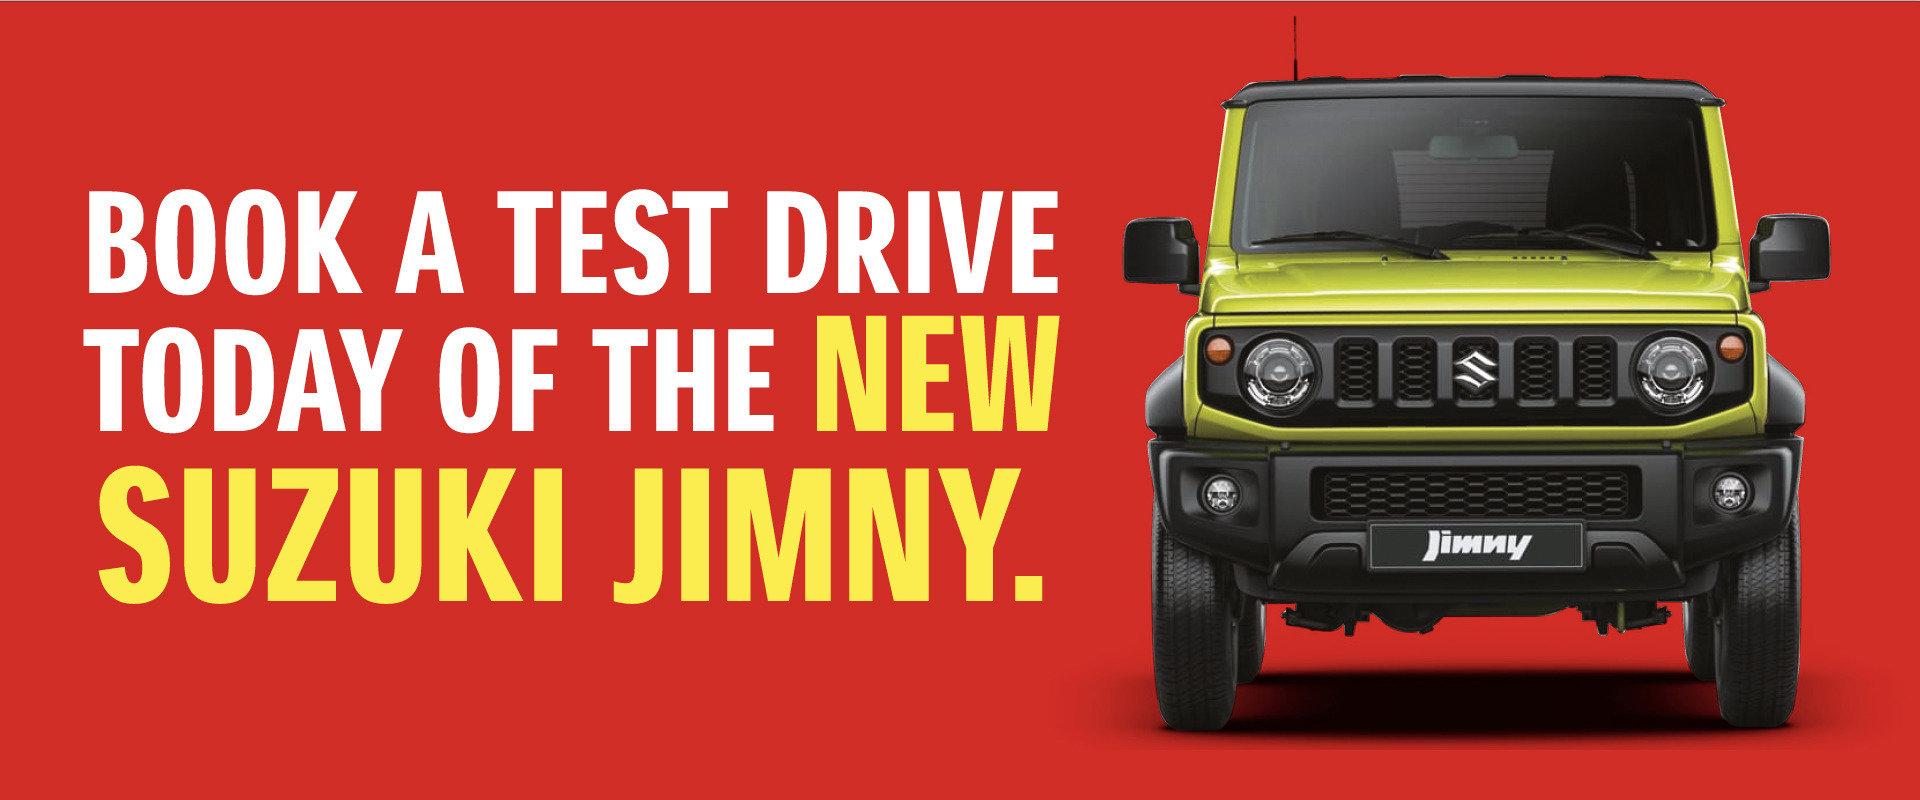 New Jimny Test Drive